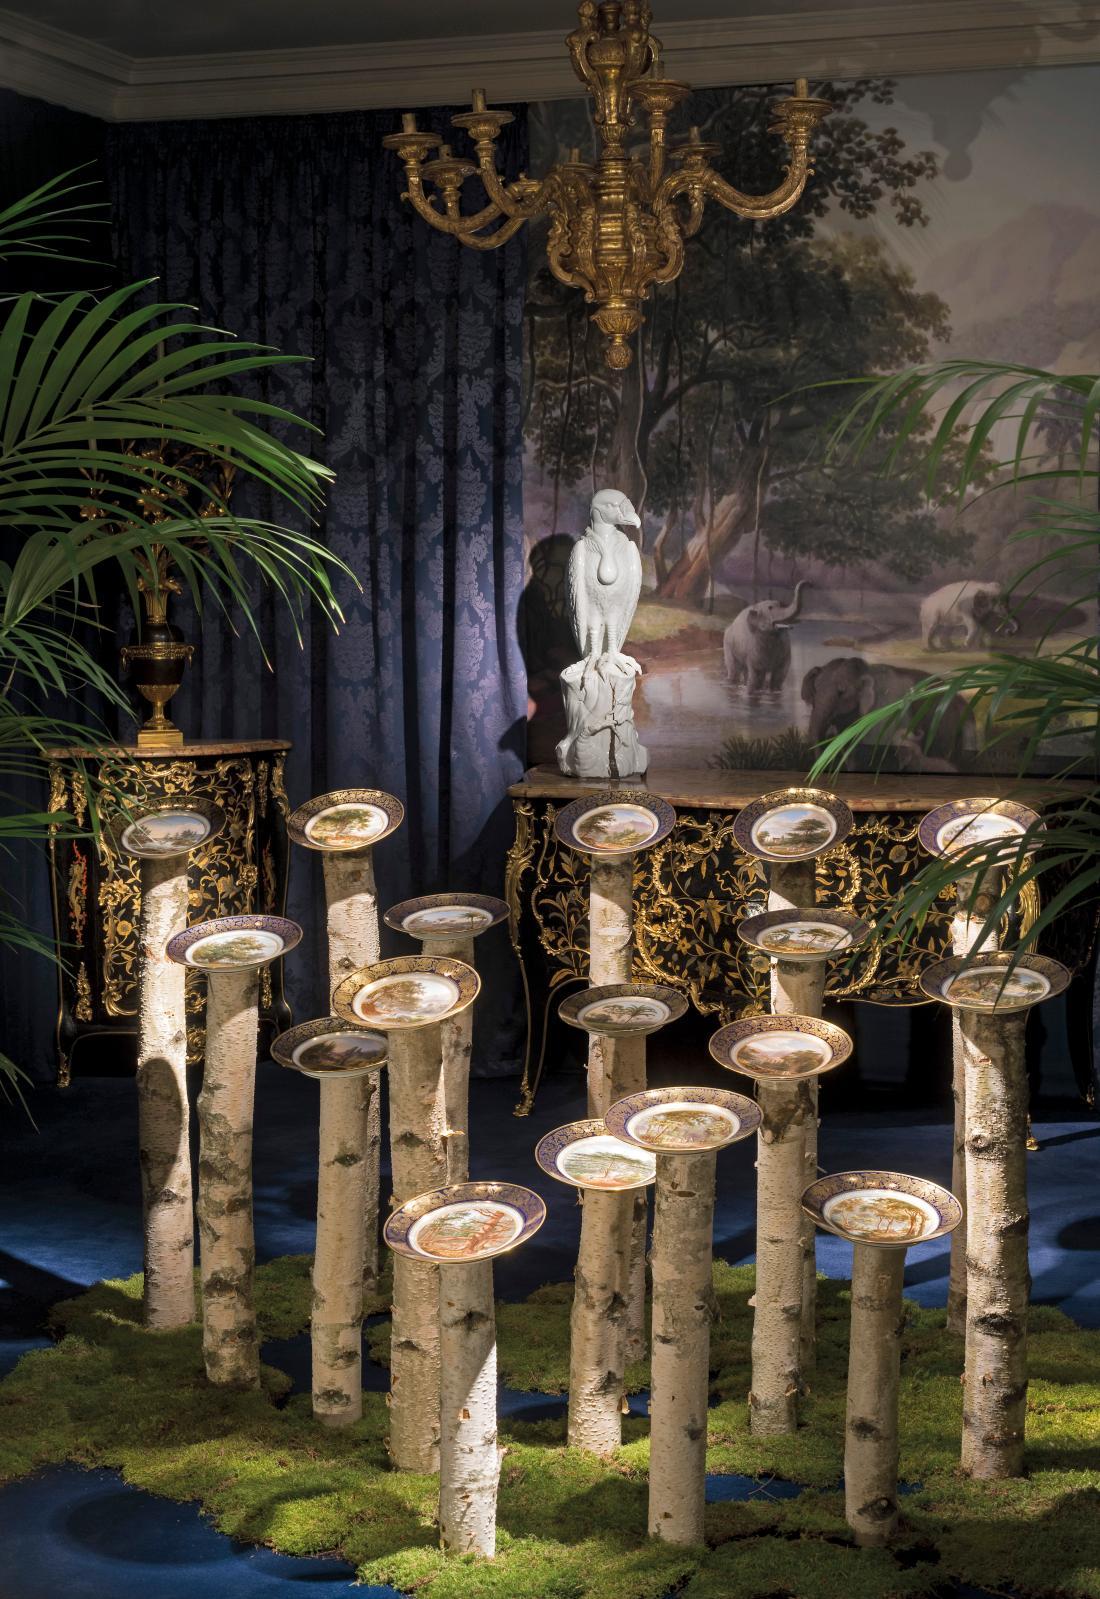 Vue de l'exposition «Impérial et royal. L'âge d'or de la porcelaine de Sèvres», à la galerie Aveline.© LEPRINCE